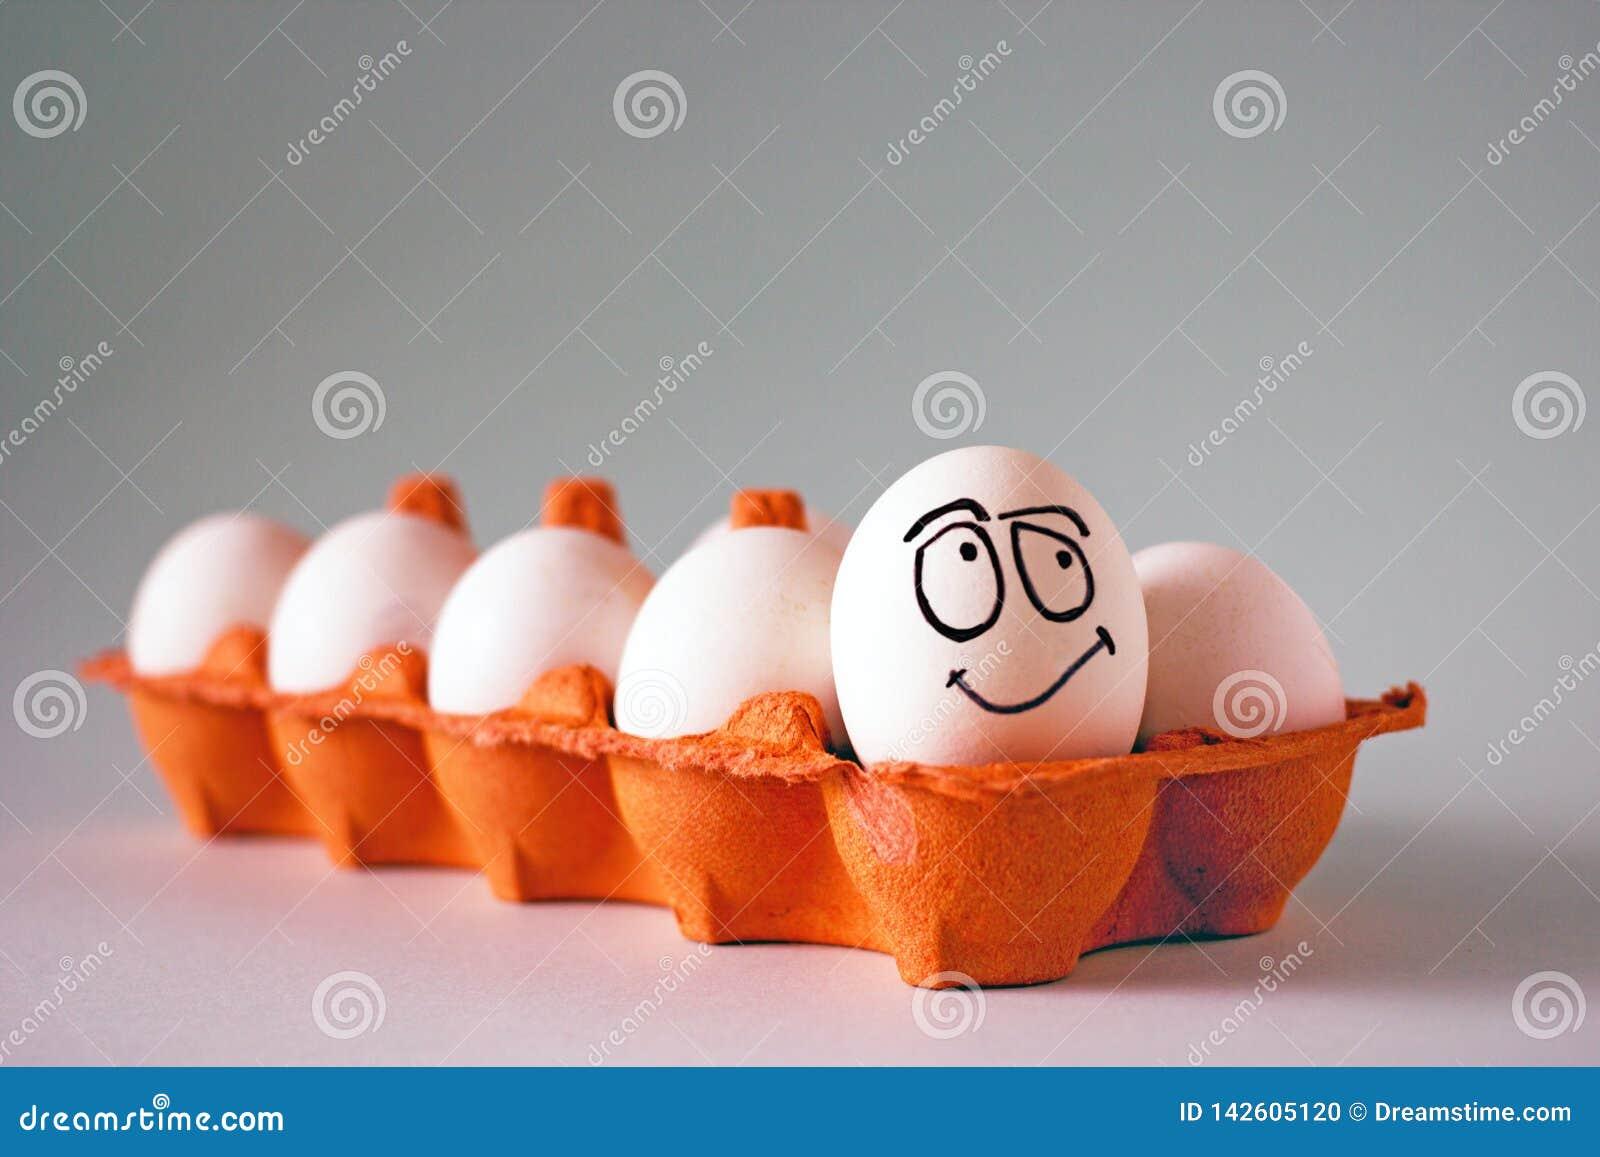 Uova bianche del pollo divertente con i fronti in una cellula dell uovo